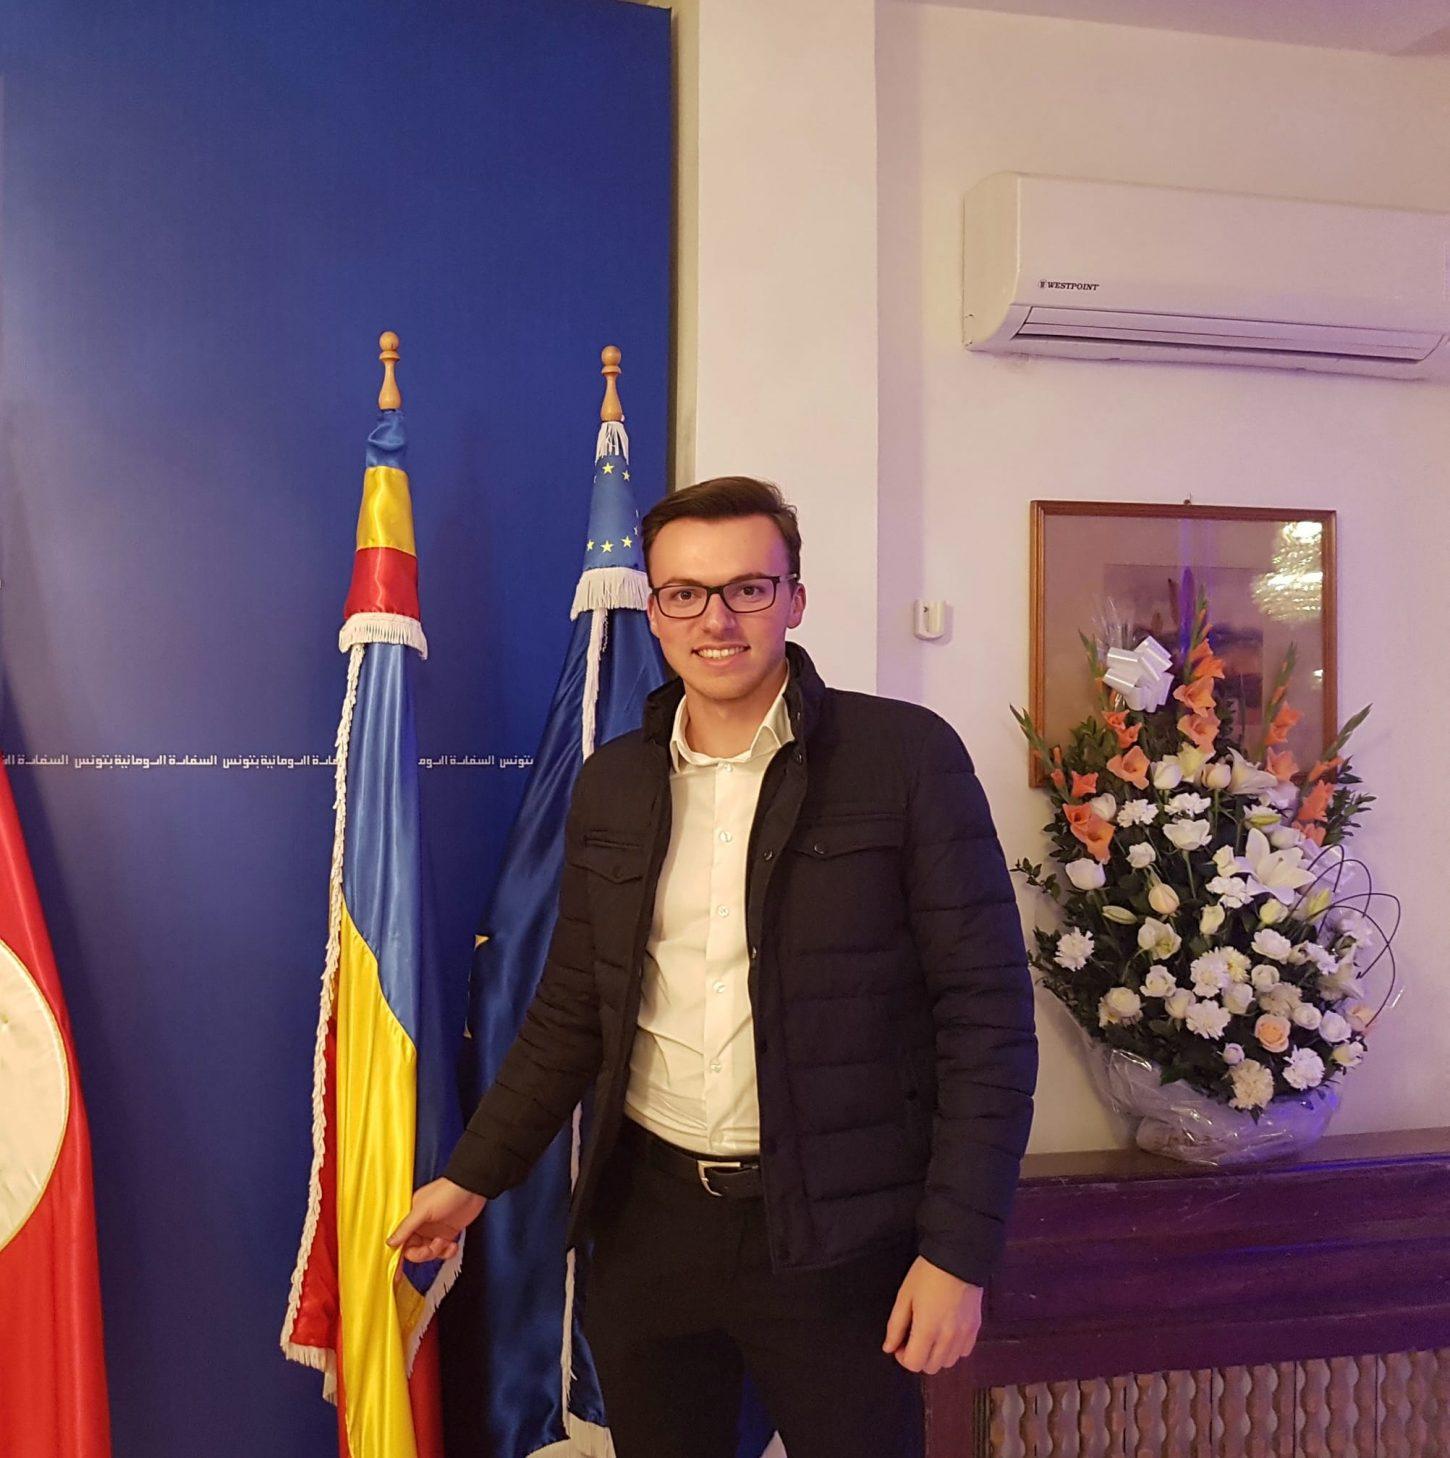 Eduard Bogdan Cojanu